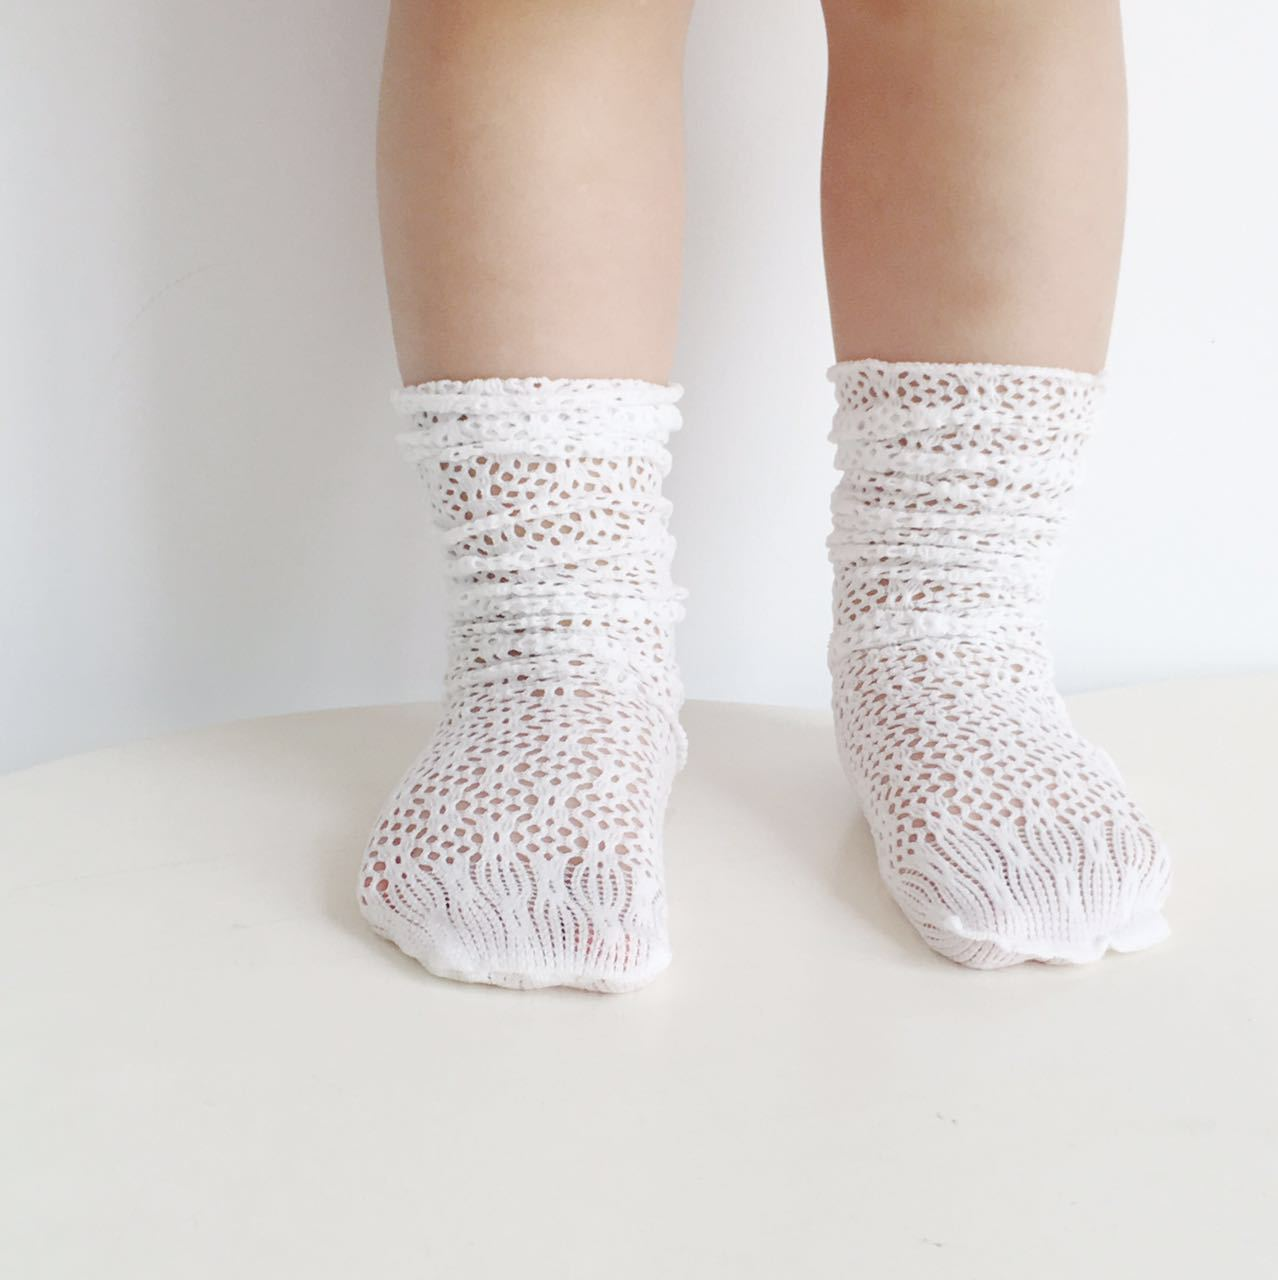 Baby Girl Socks Toddler Baby Cotton Mesh Breathable Socks Newborn Infant Non-slip Baby Girls Socks mother kids socks